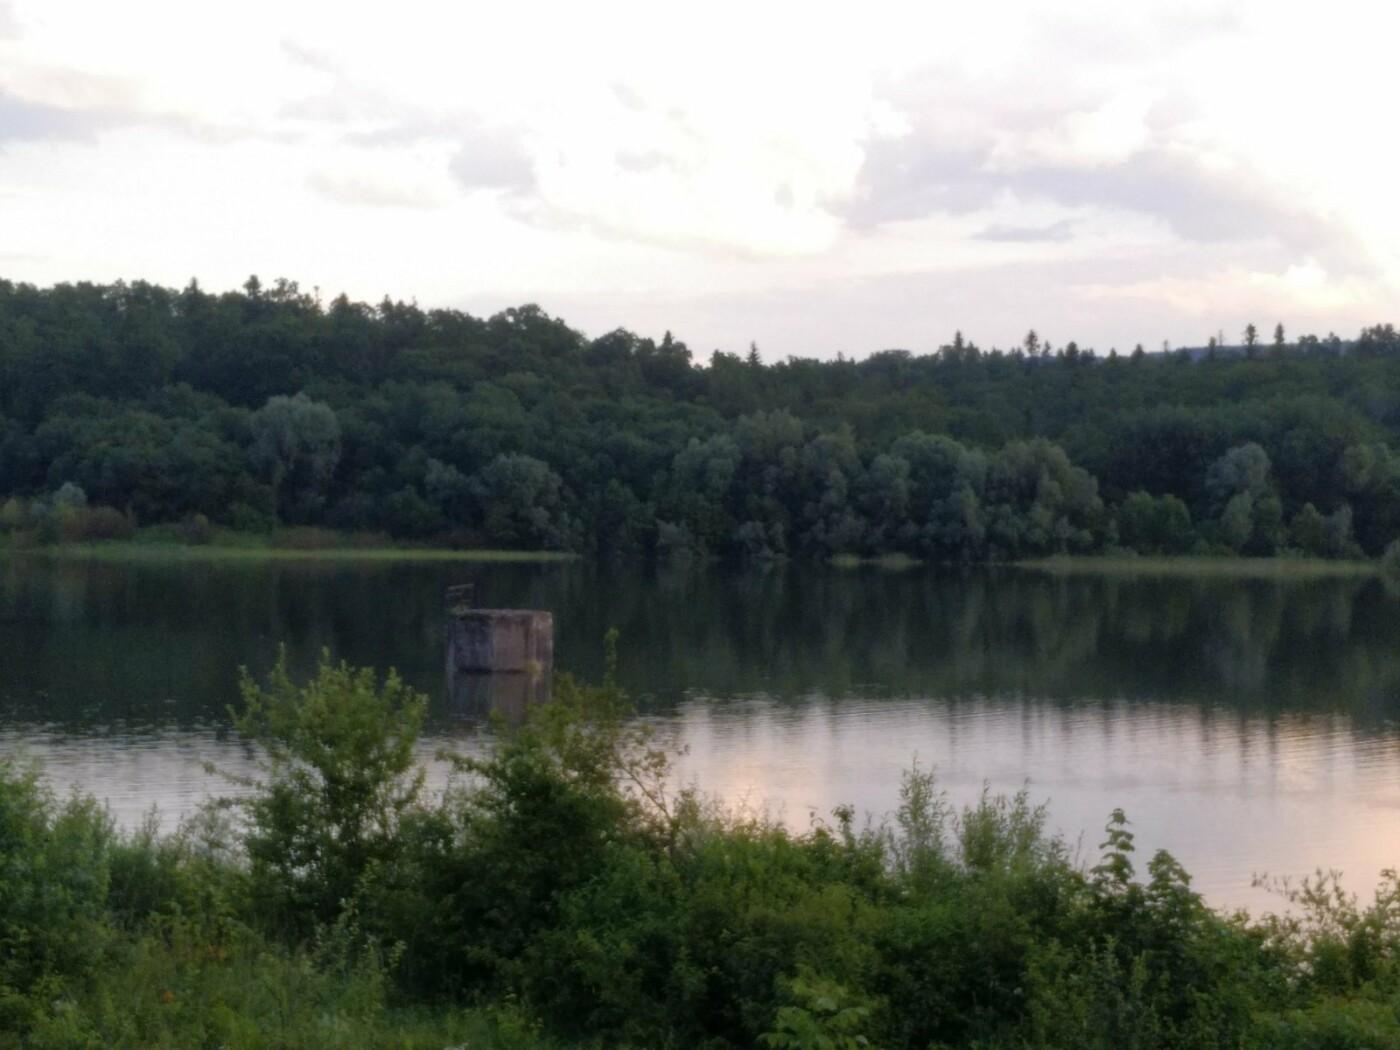 Повноводне трускавецьке озеро манить красою (ФОТО), фото-3, фото - 03247.com.ua